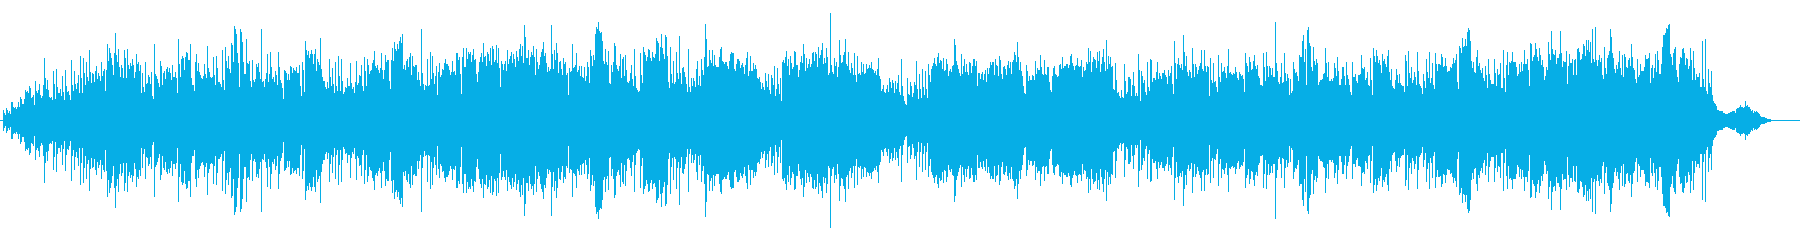 アイルランド民謡の再生済みの波形